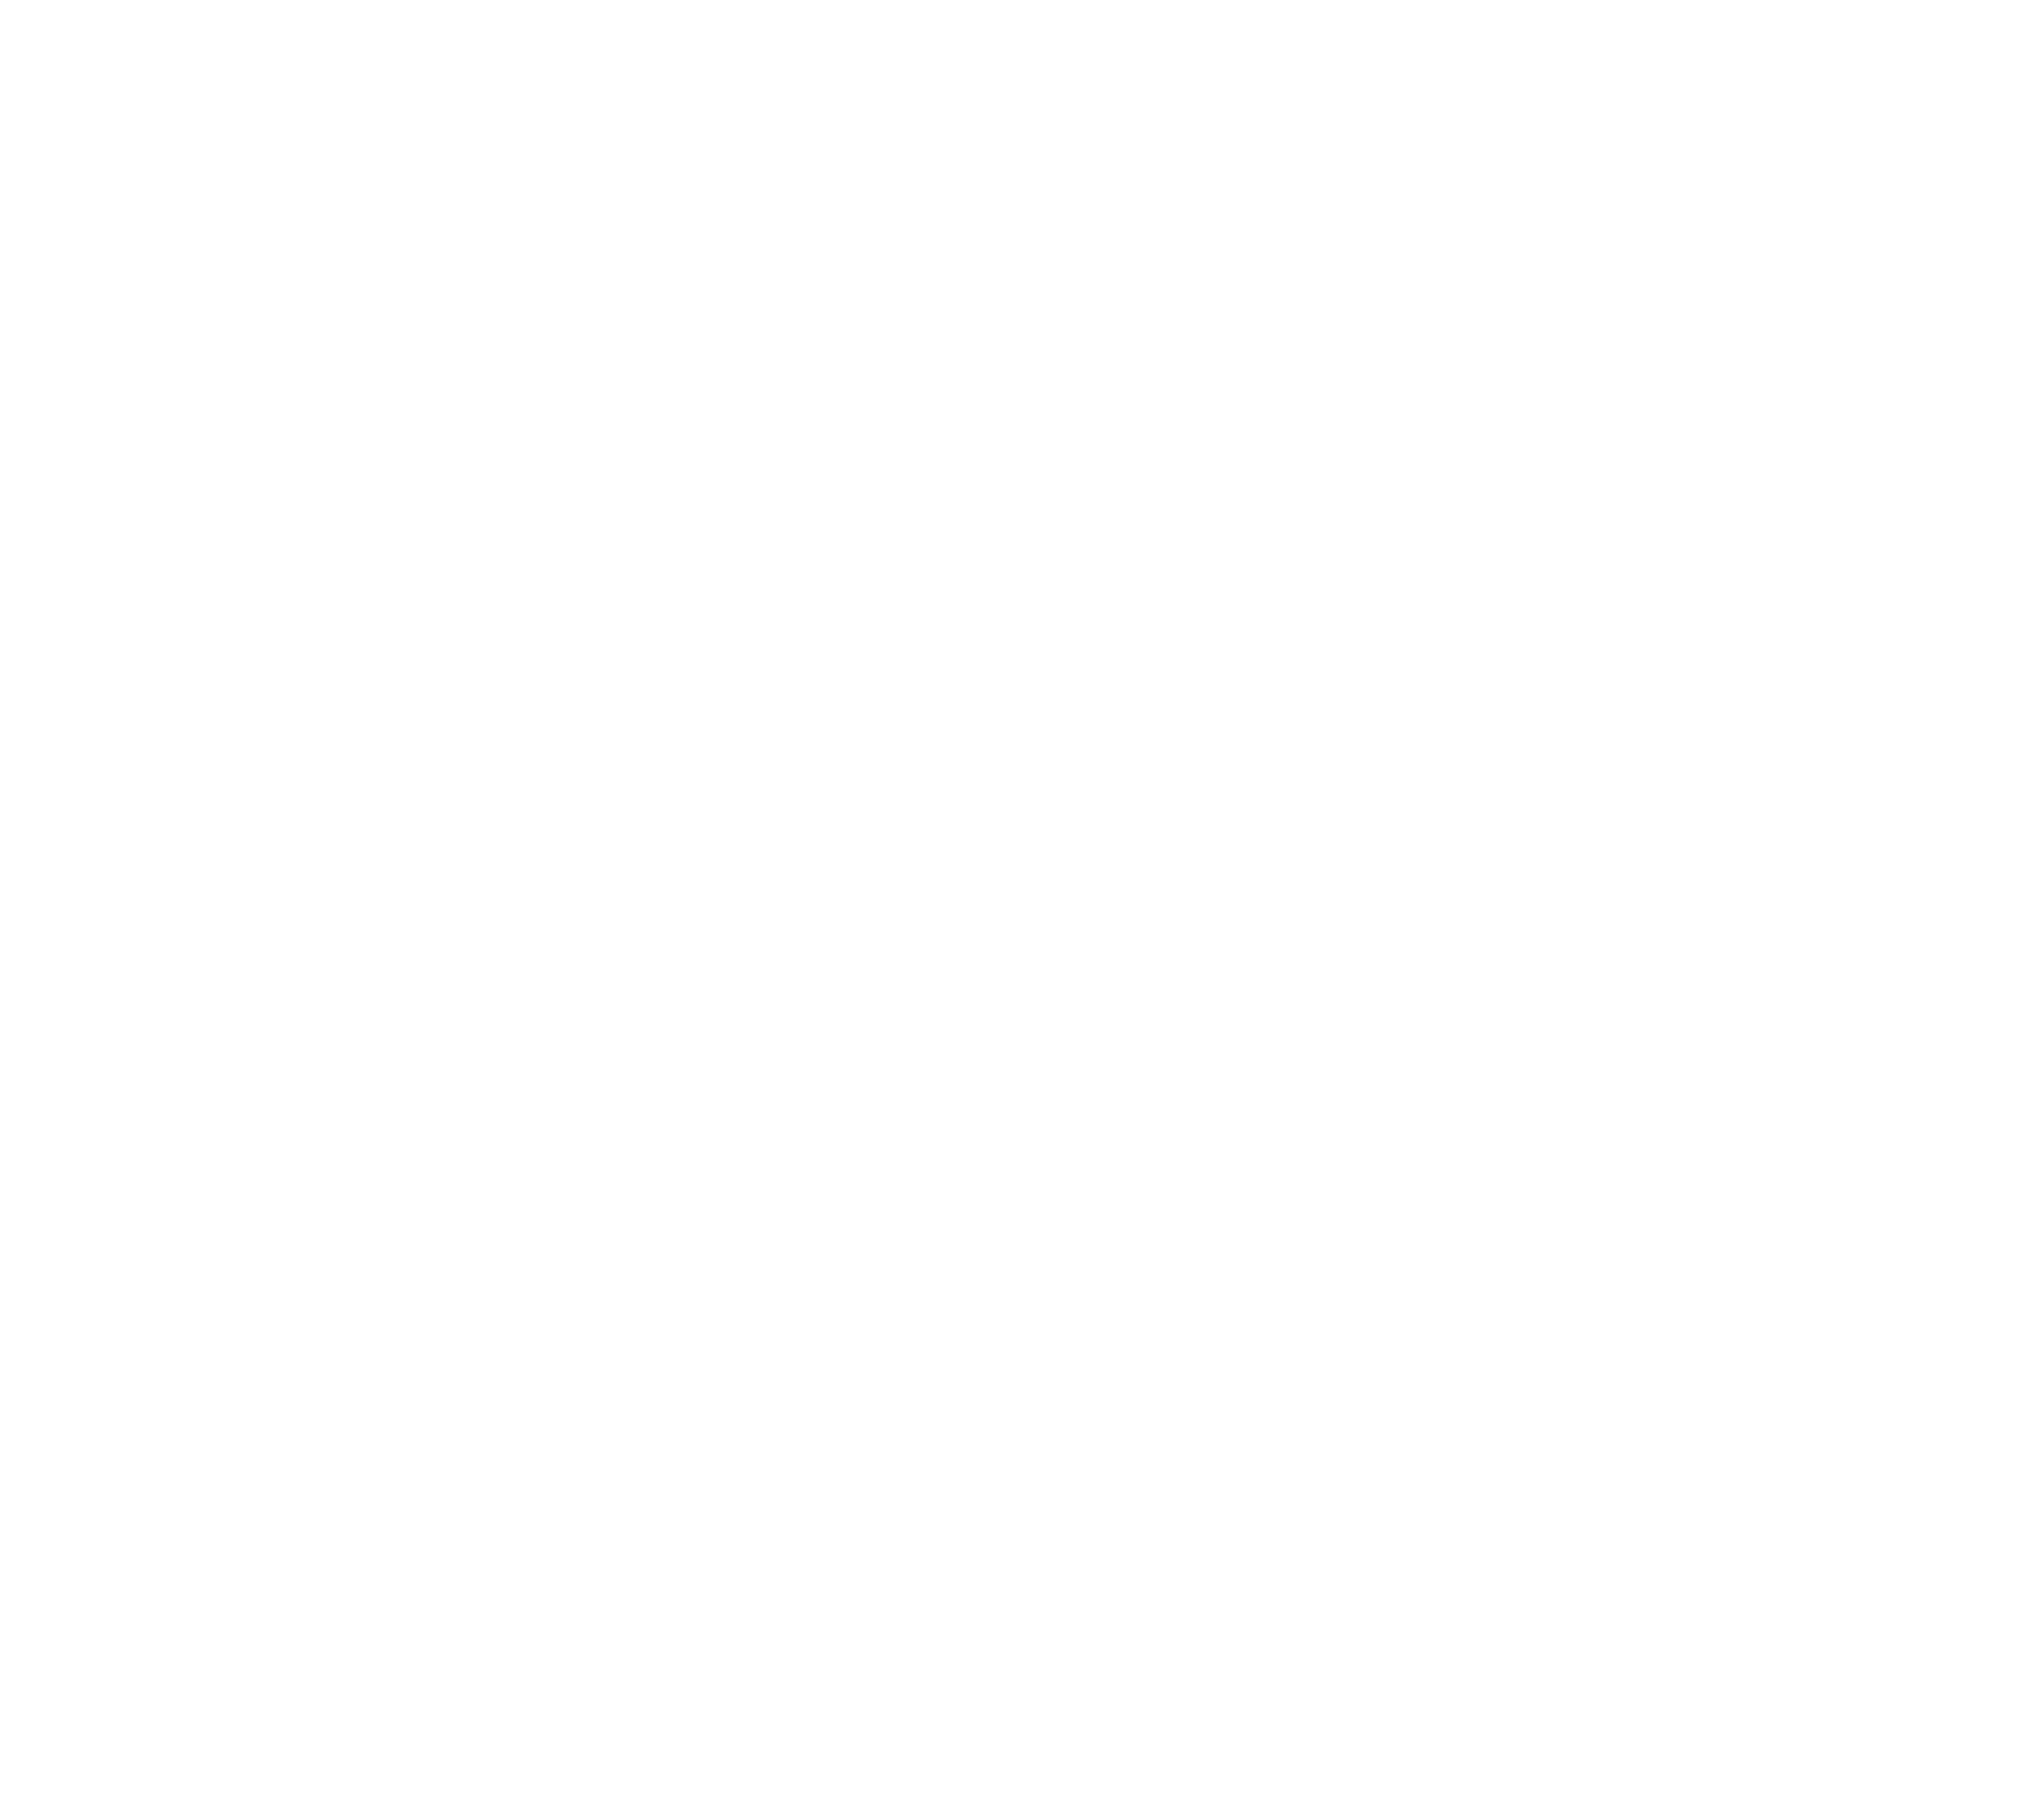 White border frame png. Floral clipart font